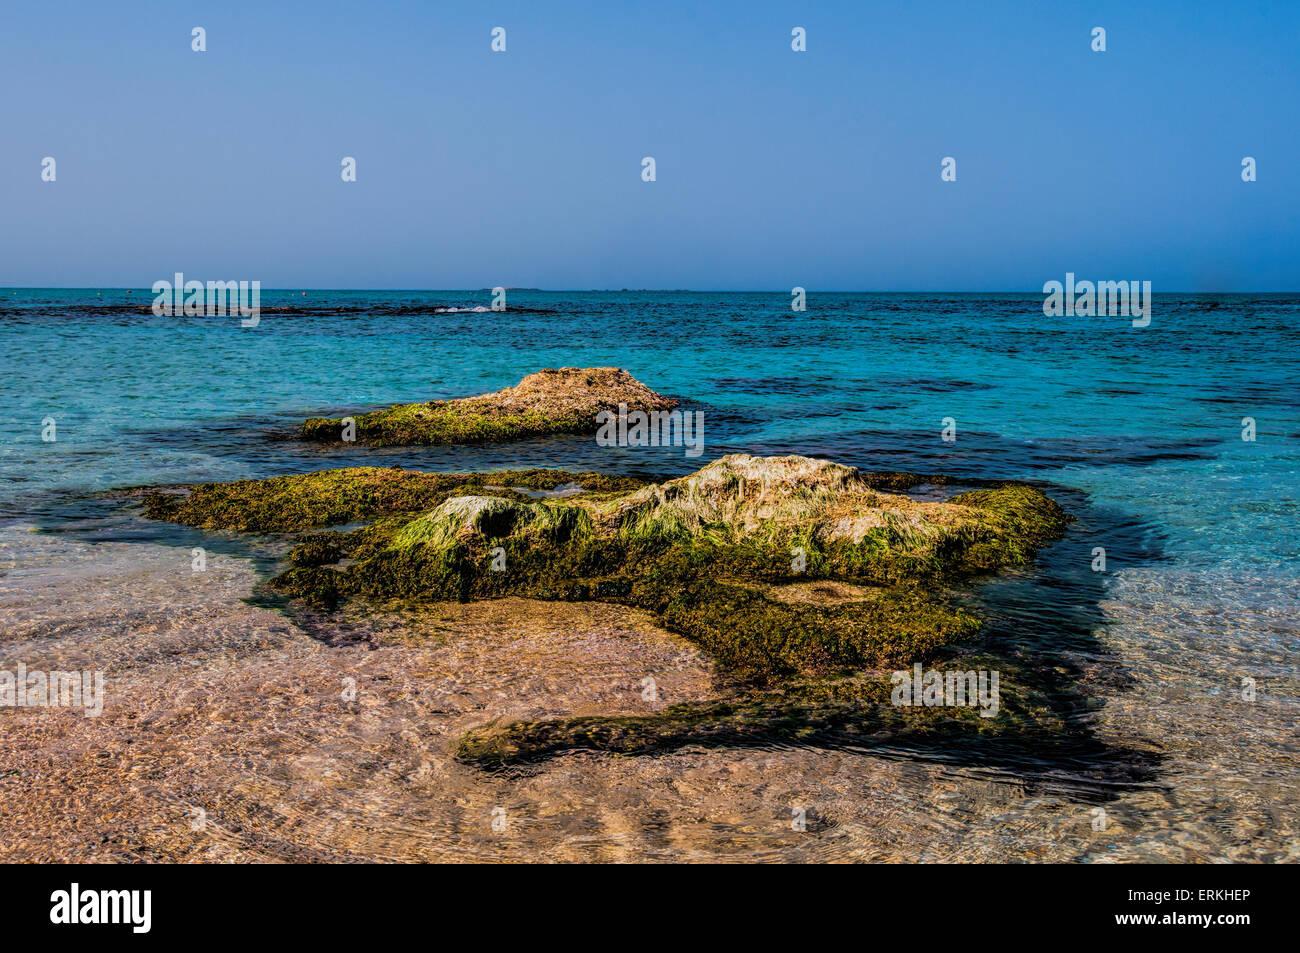 Piccola isola vicino la riva del mare ricoperte di alghe ad alta marea Immagini Stock